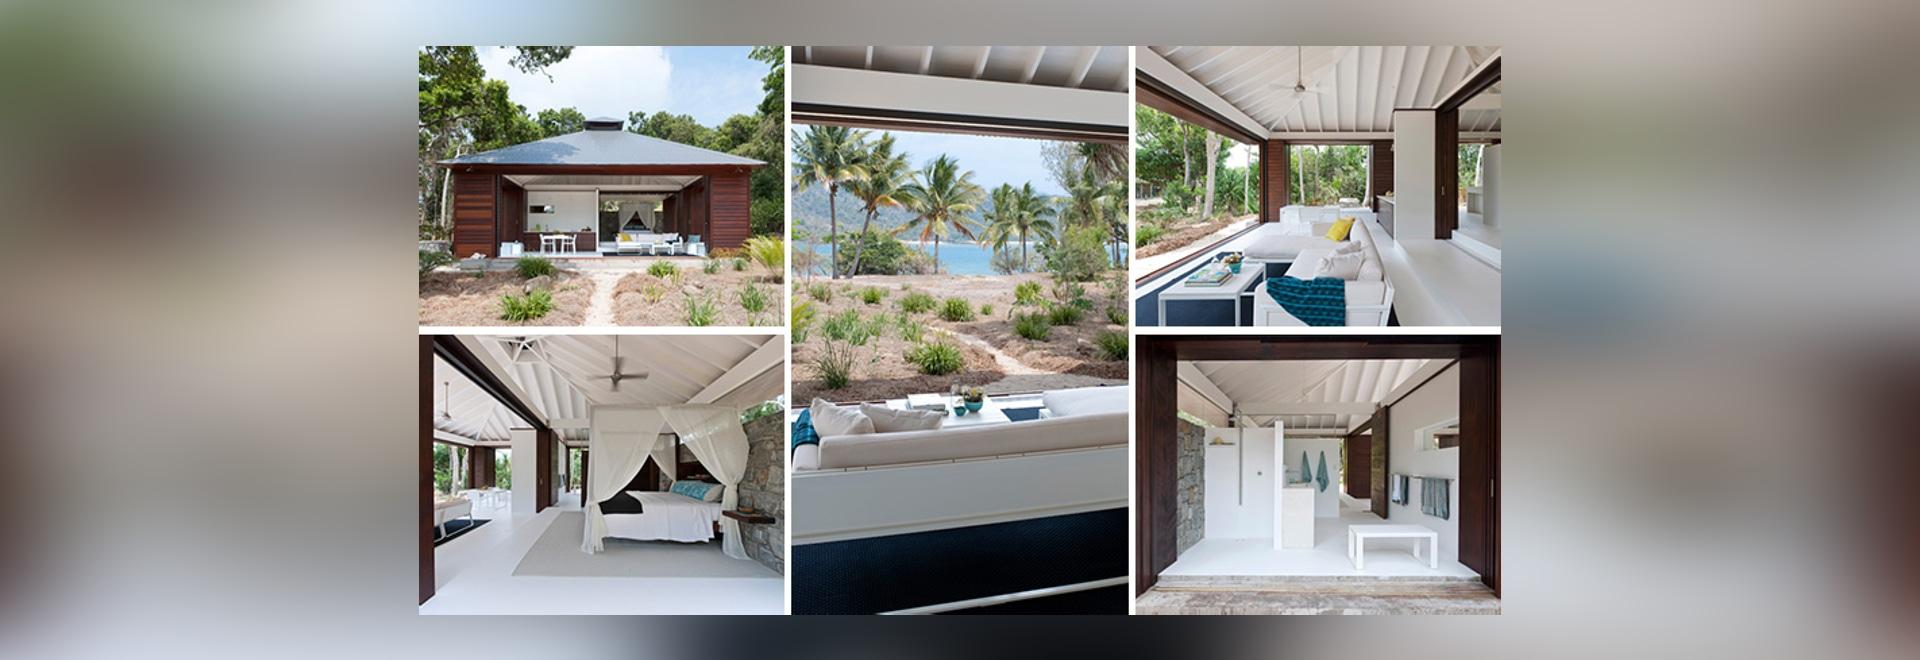 Dieses kleine Strandhaus ist für zutreffendes Innen-/im Freienleben ...